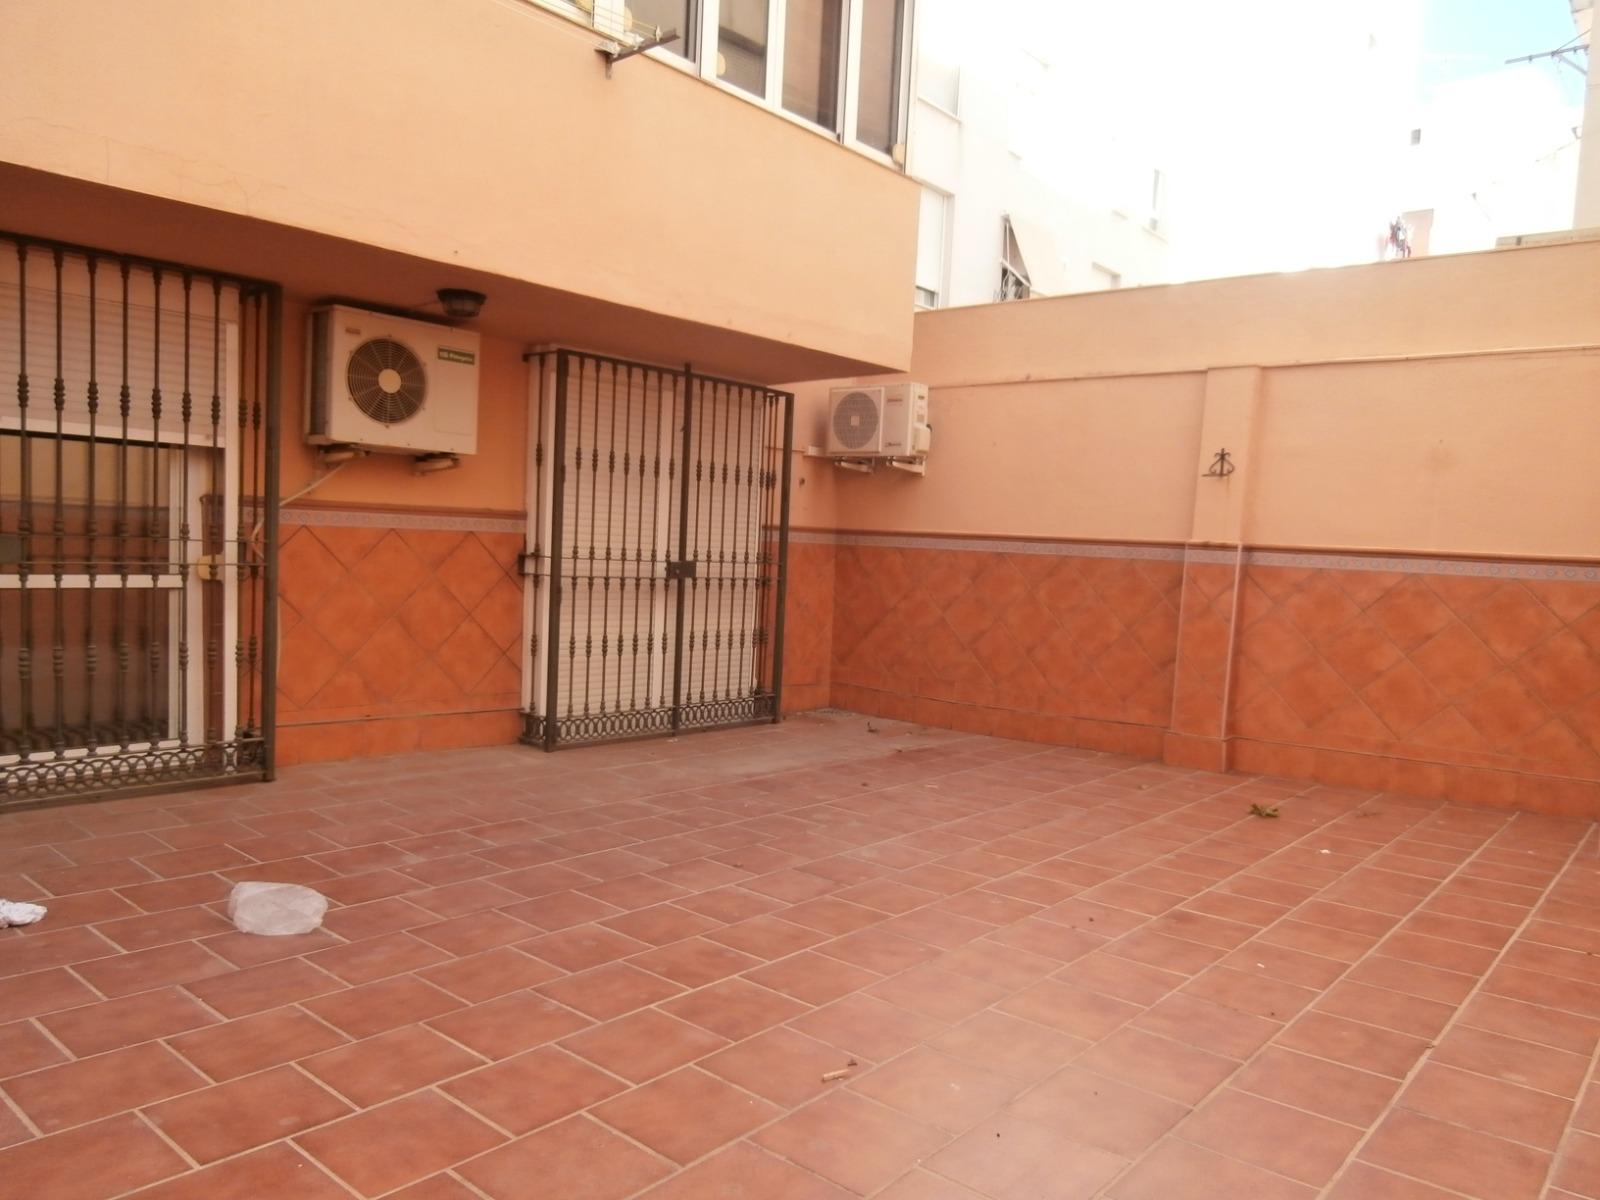 Piso en venta en Carretera de Cádiz, Málaga, Málaga, Calle Heroe Sostoa, 153.000 €, 3 habitaciones, 2 baños, 102 m2